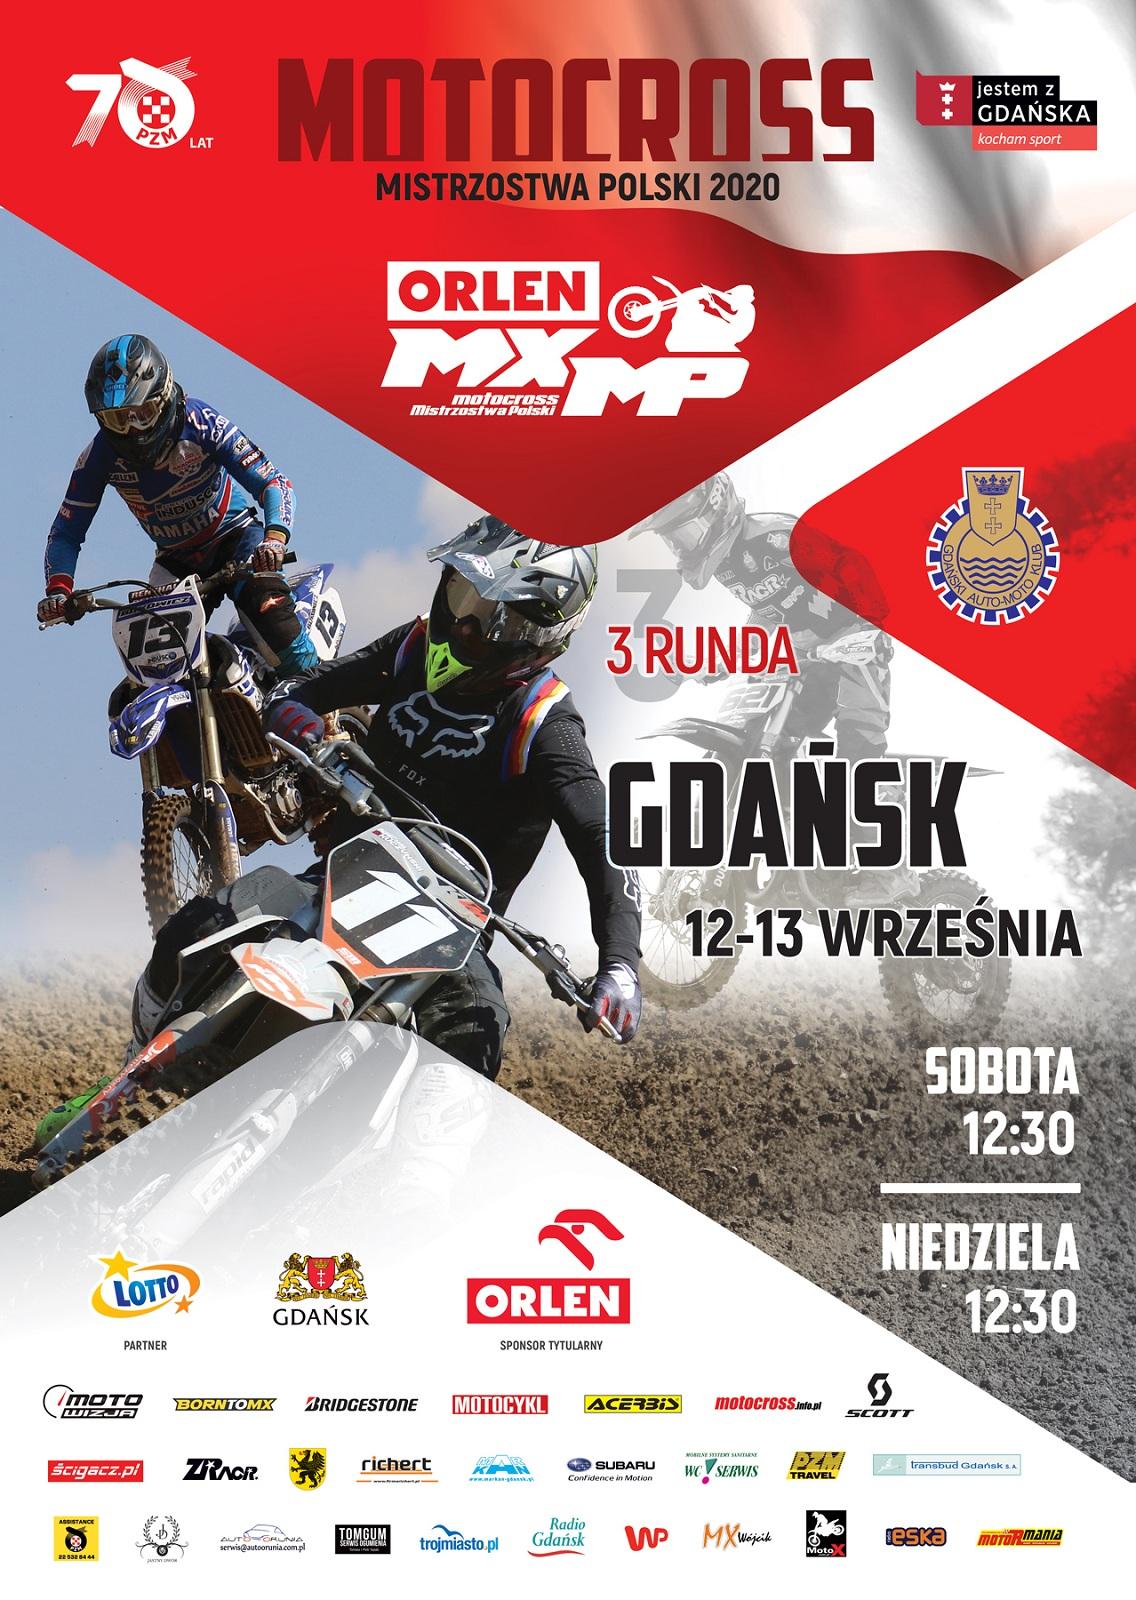 ORLEN MXMP Gdańsk 2020